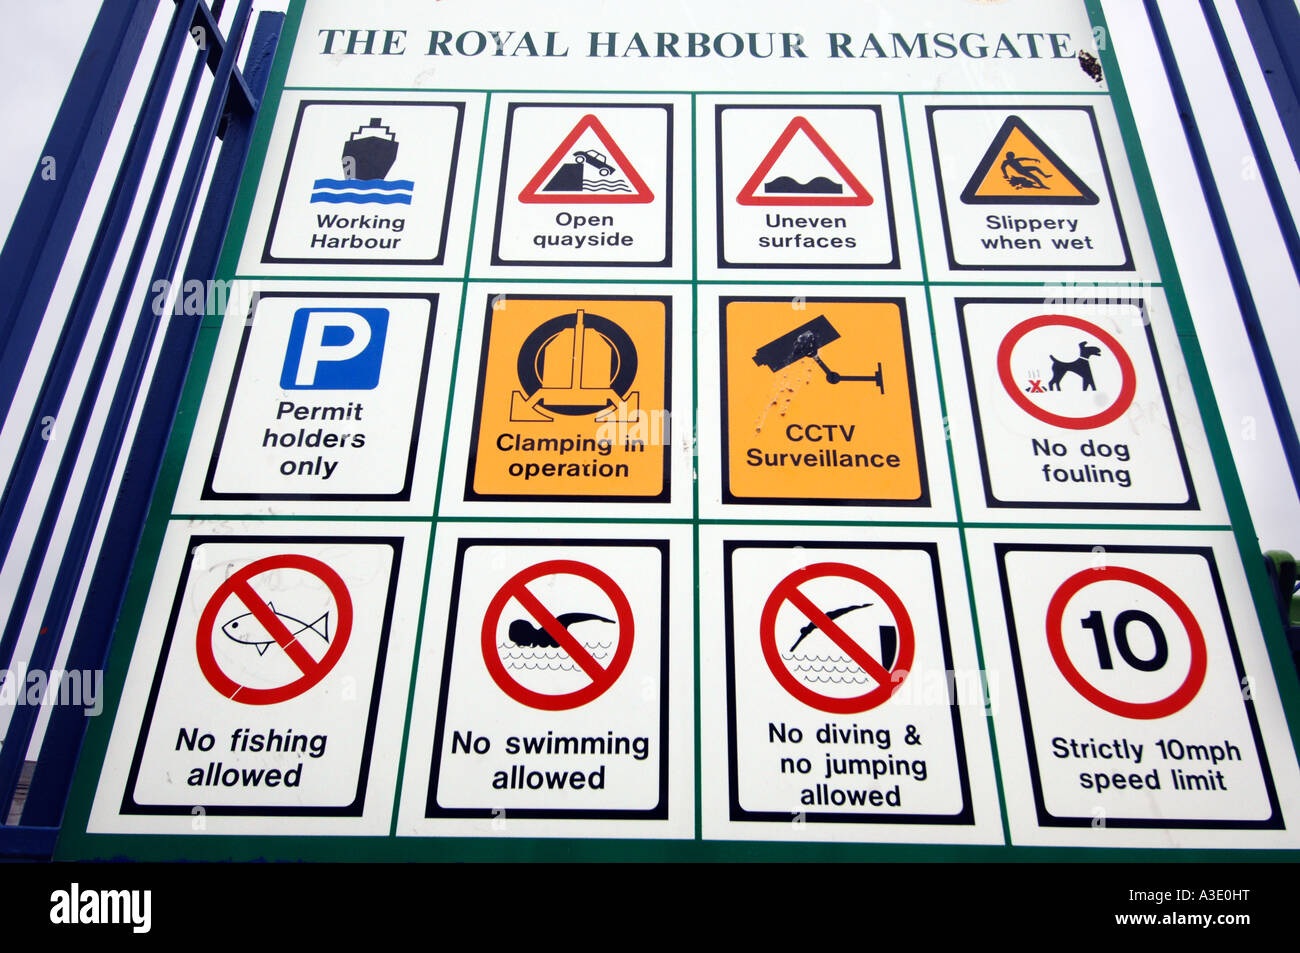 Ne faites pas d'arrêt de restriction qu'il signe à l'entrée du Port Royal à Ramsgate Photo Stock